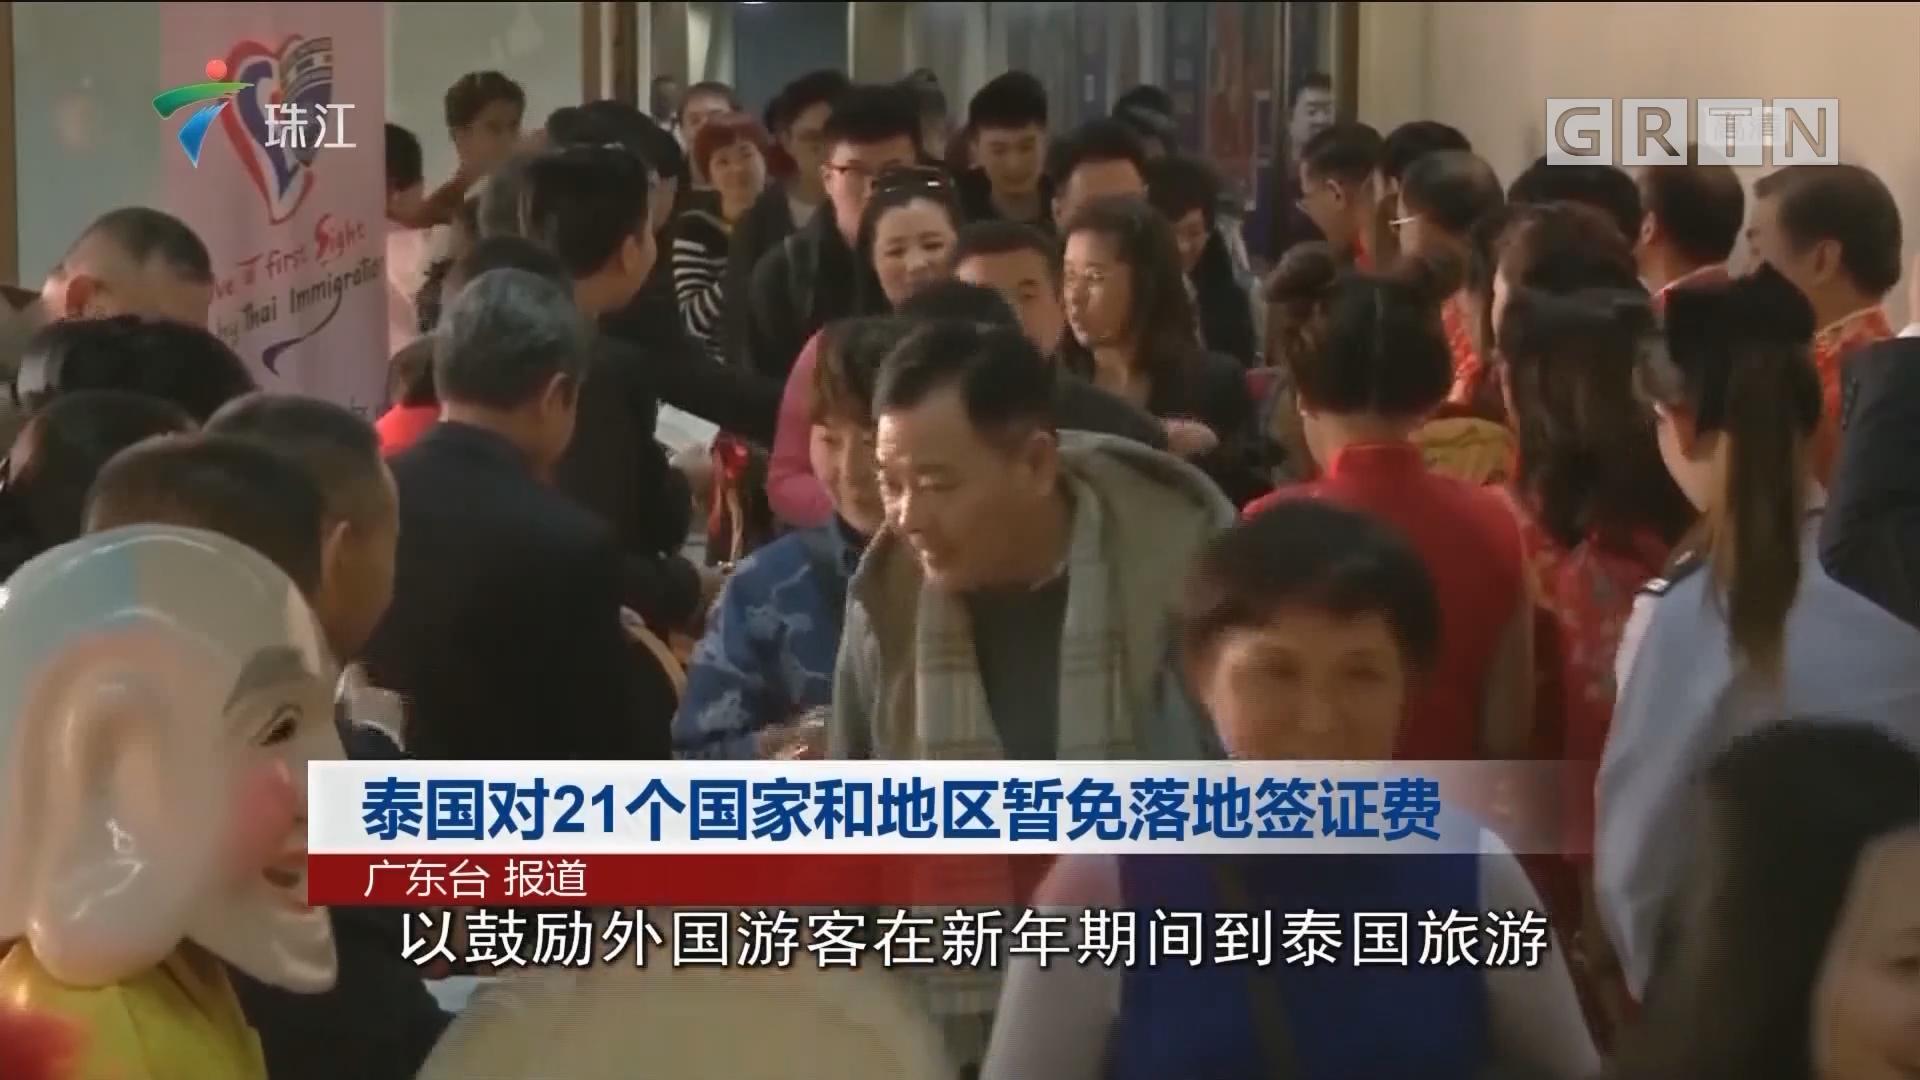 泰国对21个国家和地区暂免落地签证费